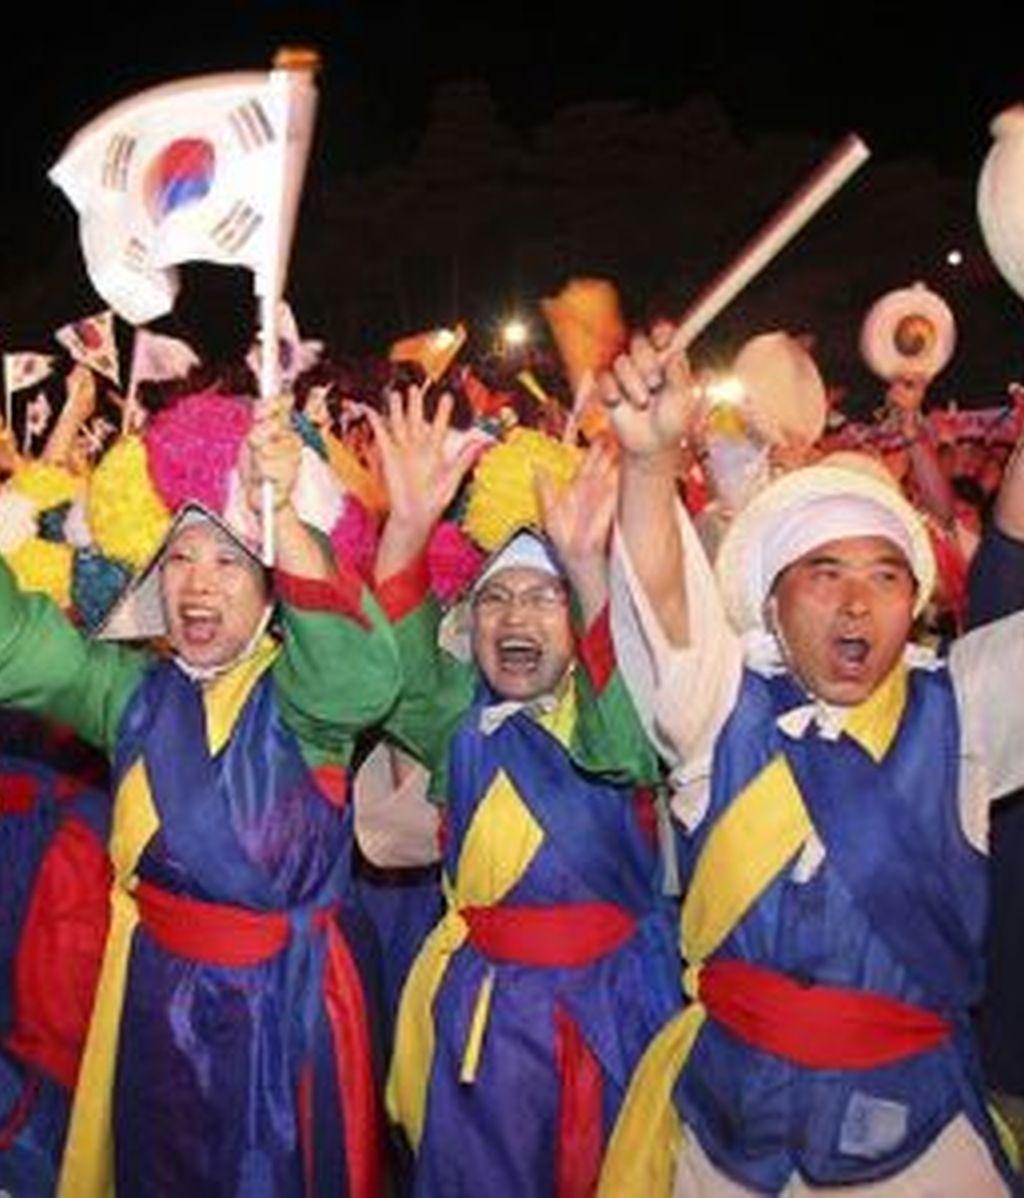 La elección de la ciudad surcoreana de Pyeongchang podría beneficiar a la posible candidatura de Madrid 2020. Foto: Reuters.